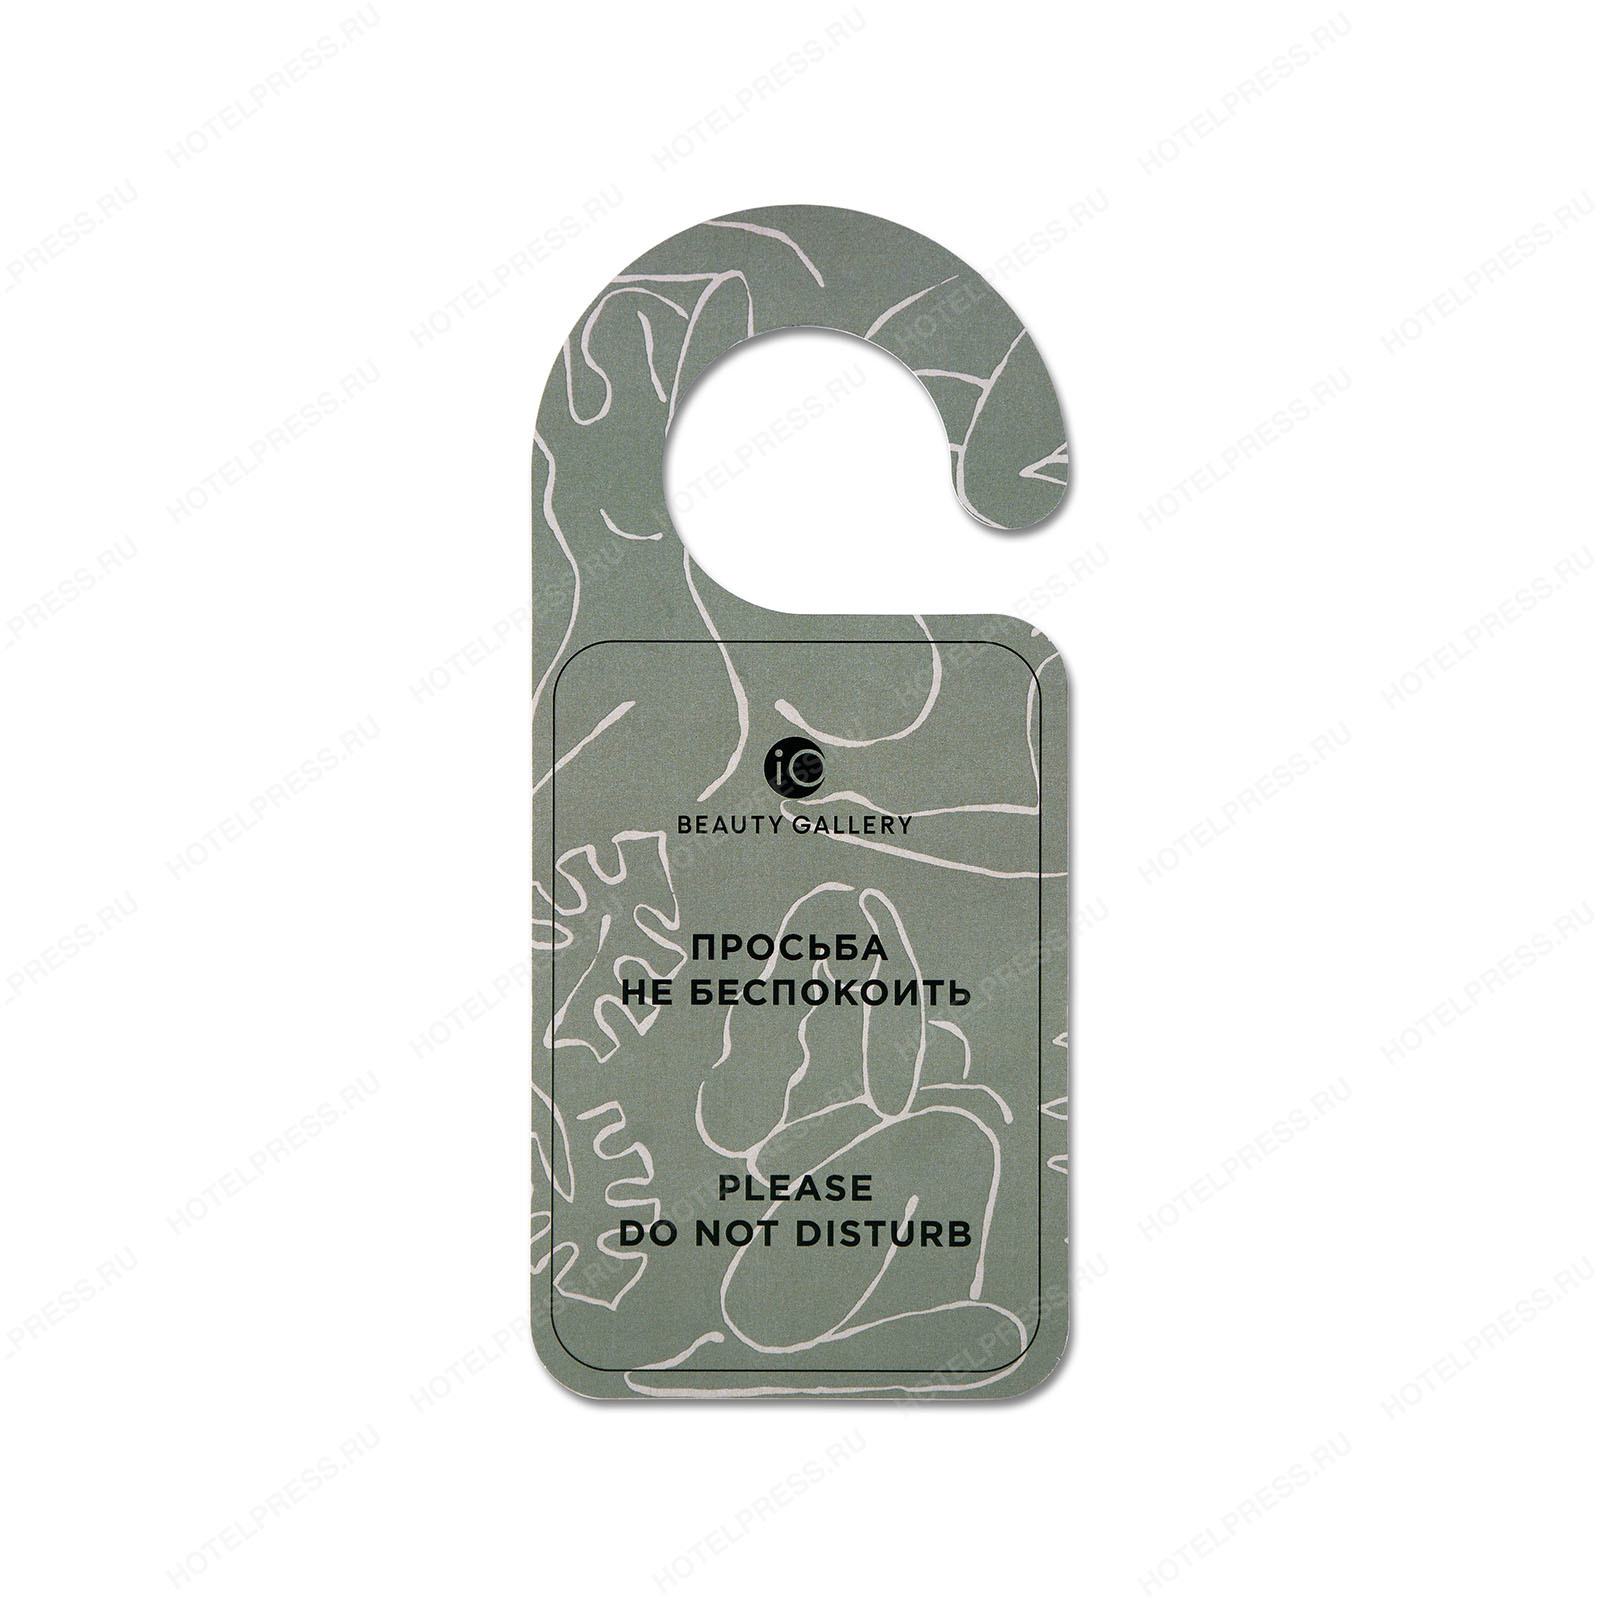 """Сервисная табличка-хенгер на ручку двери """"Не беспокоить"""" для галереи красоты и здоровья"""